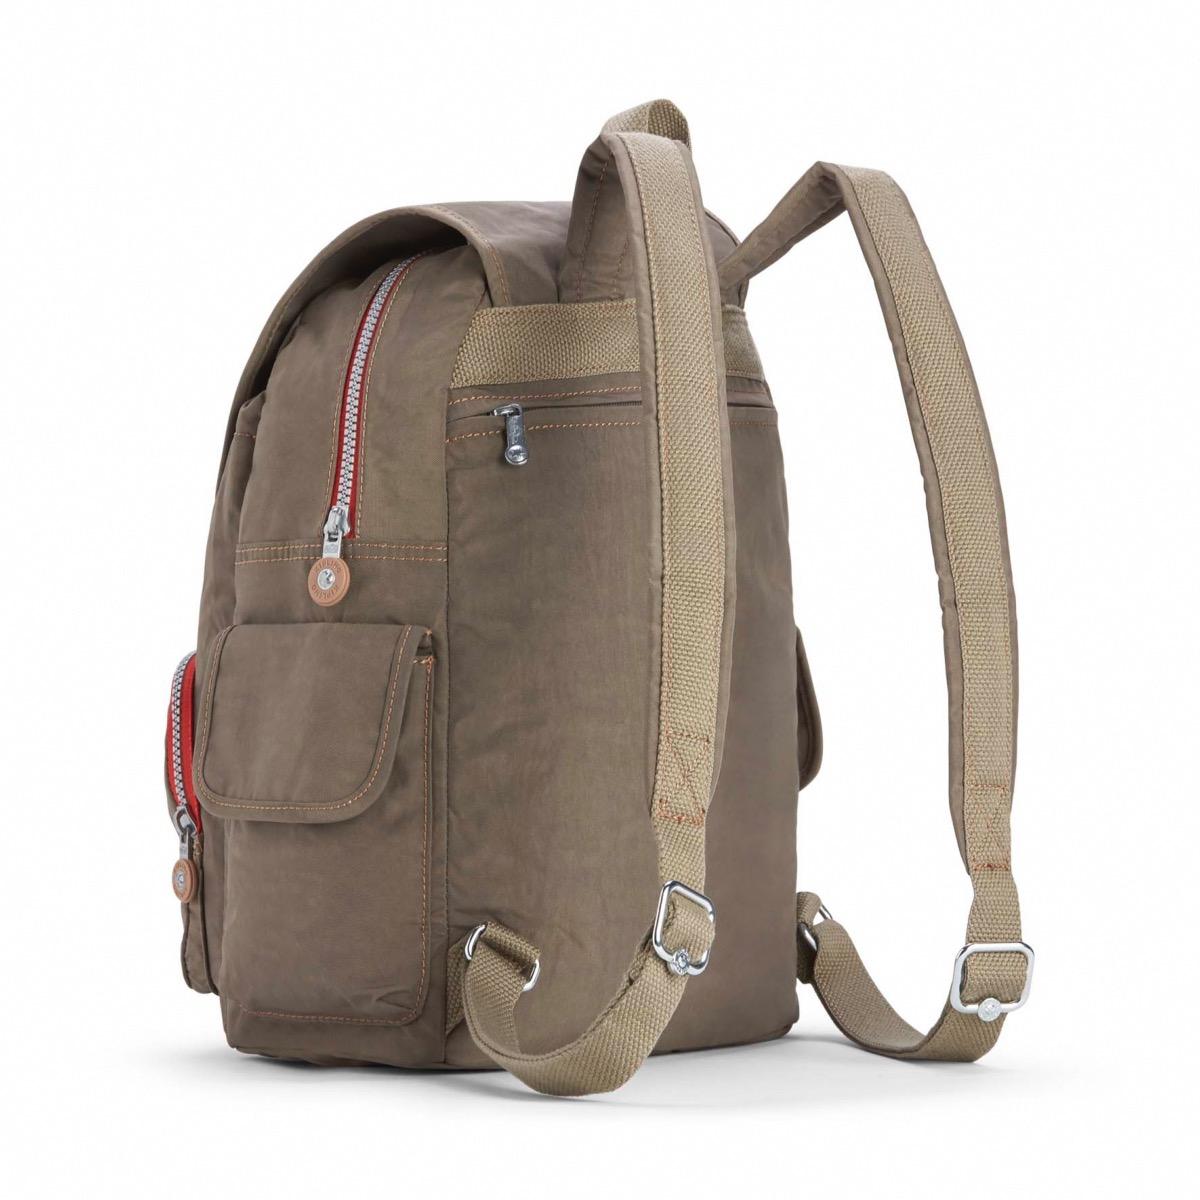 Kipling City Pack Backpack True Beige C